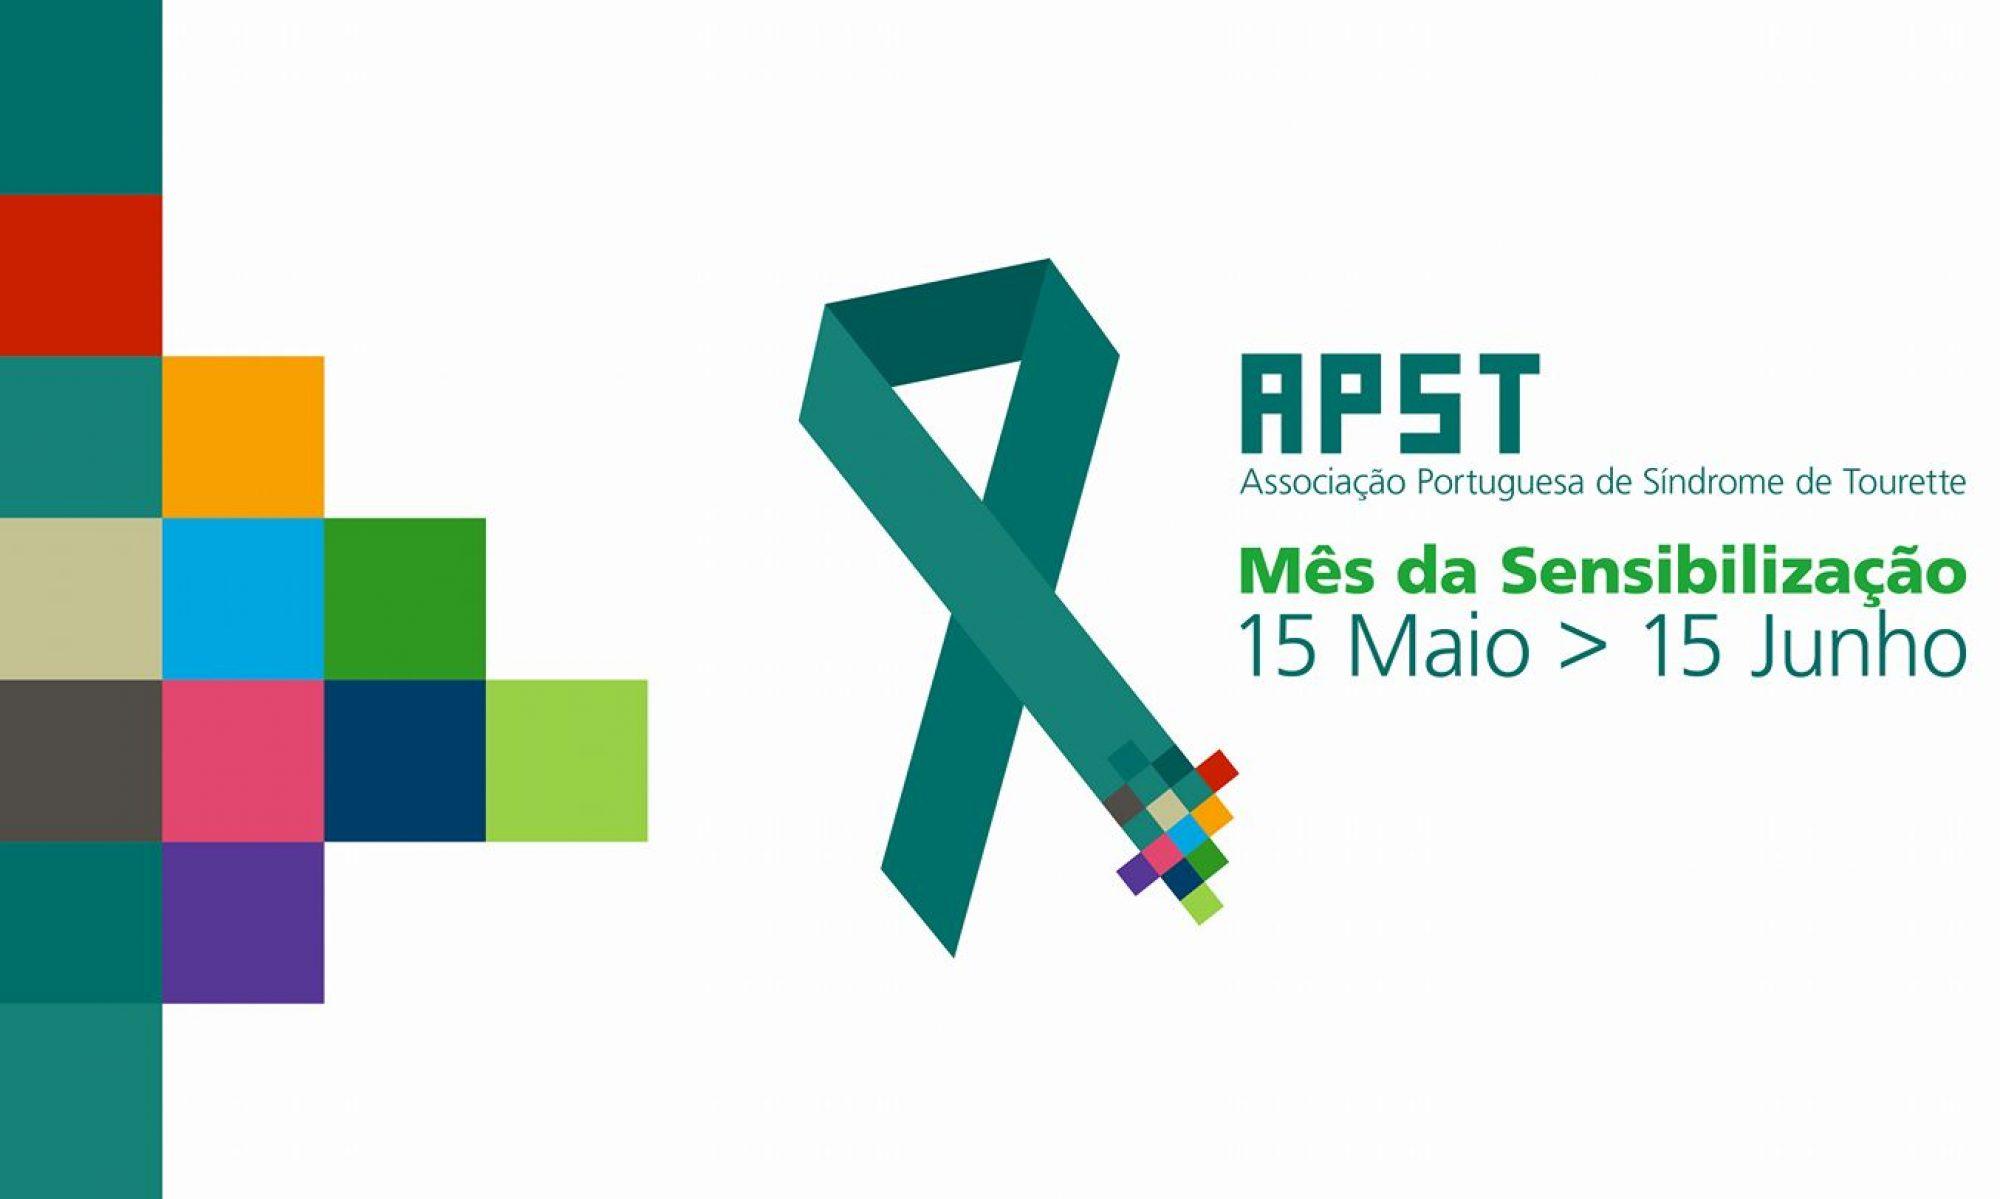 APST - Associação Portuguesa de Síndrome de Tourette